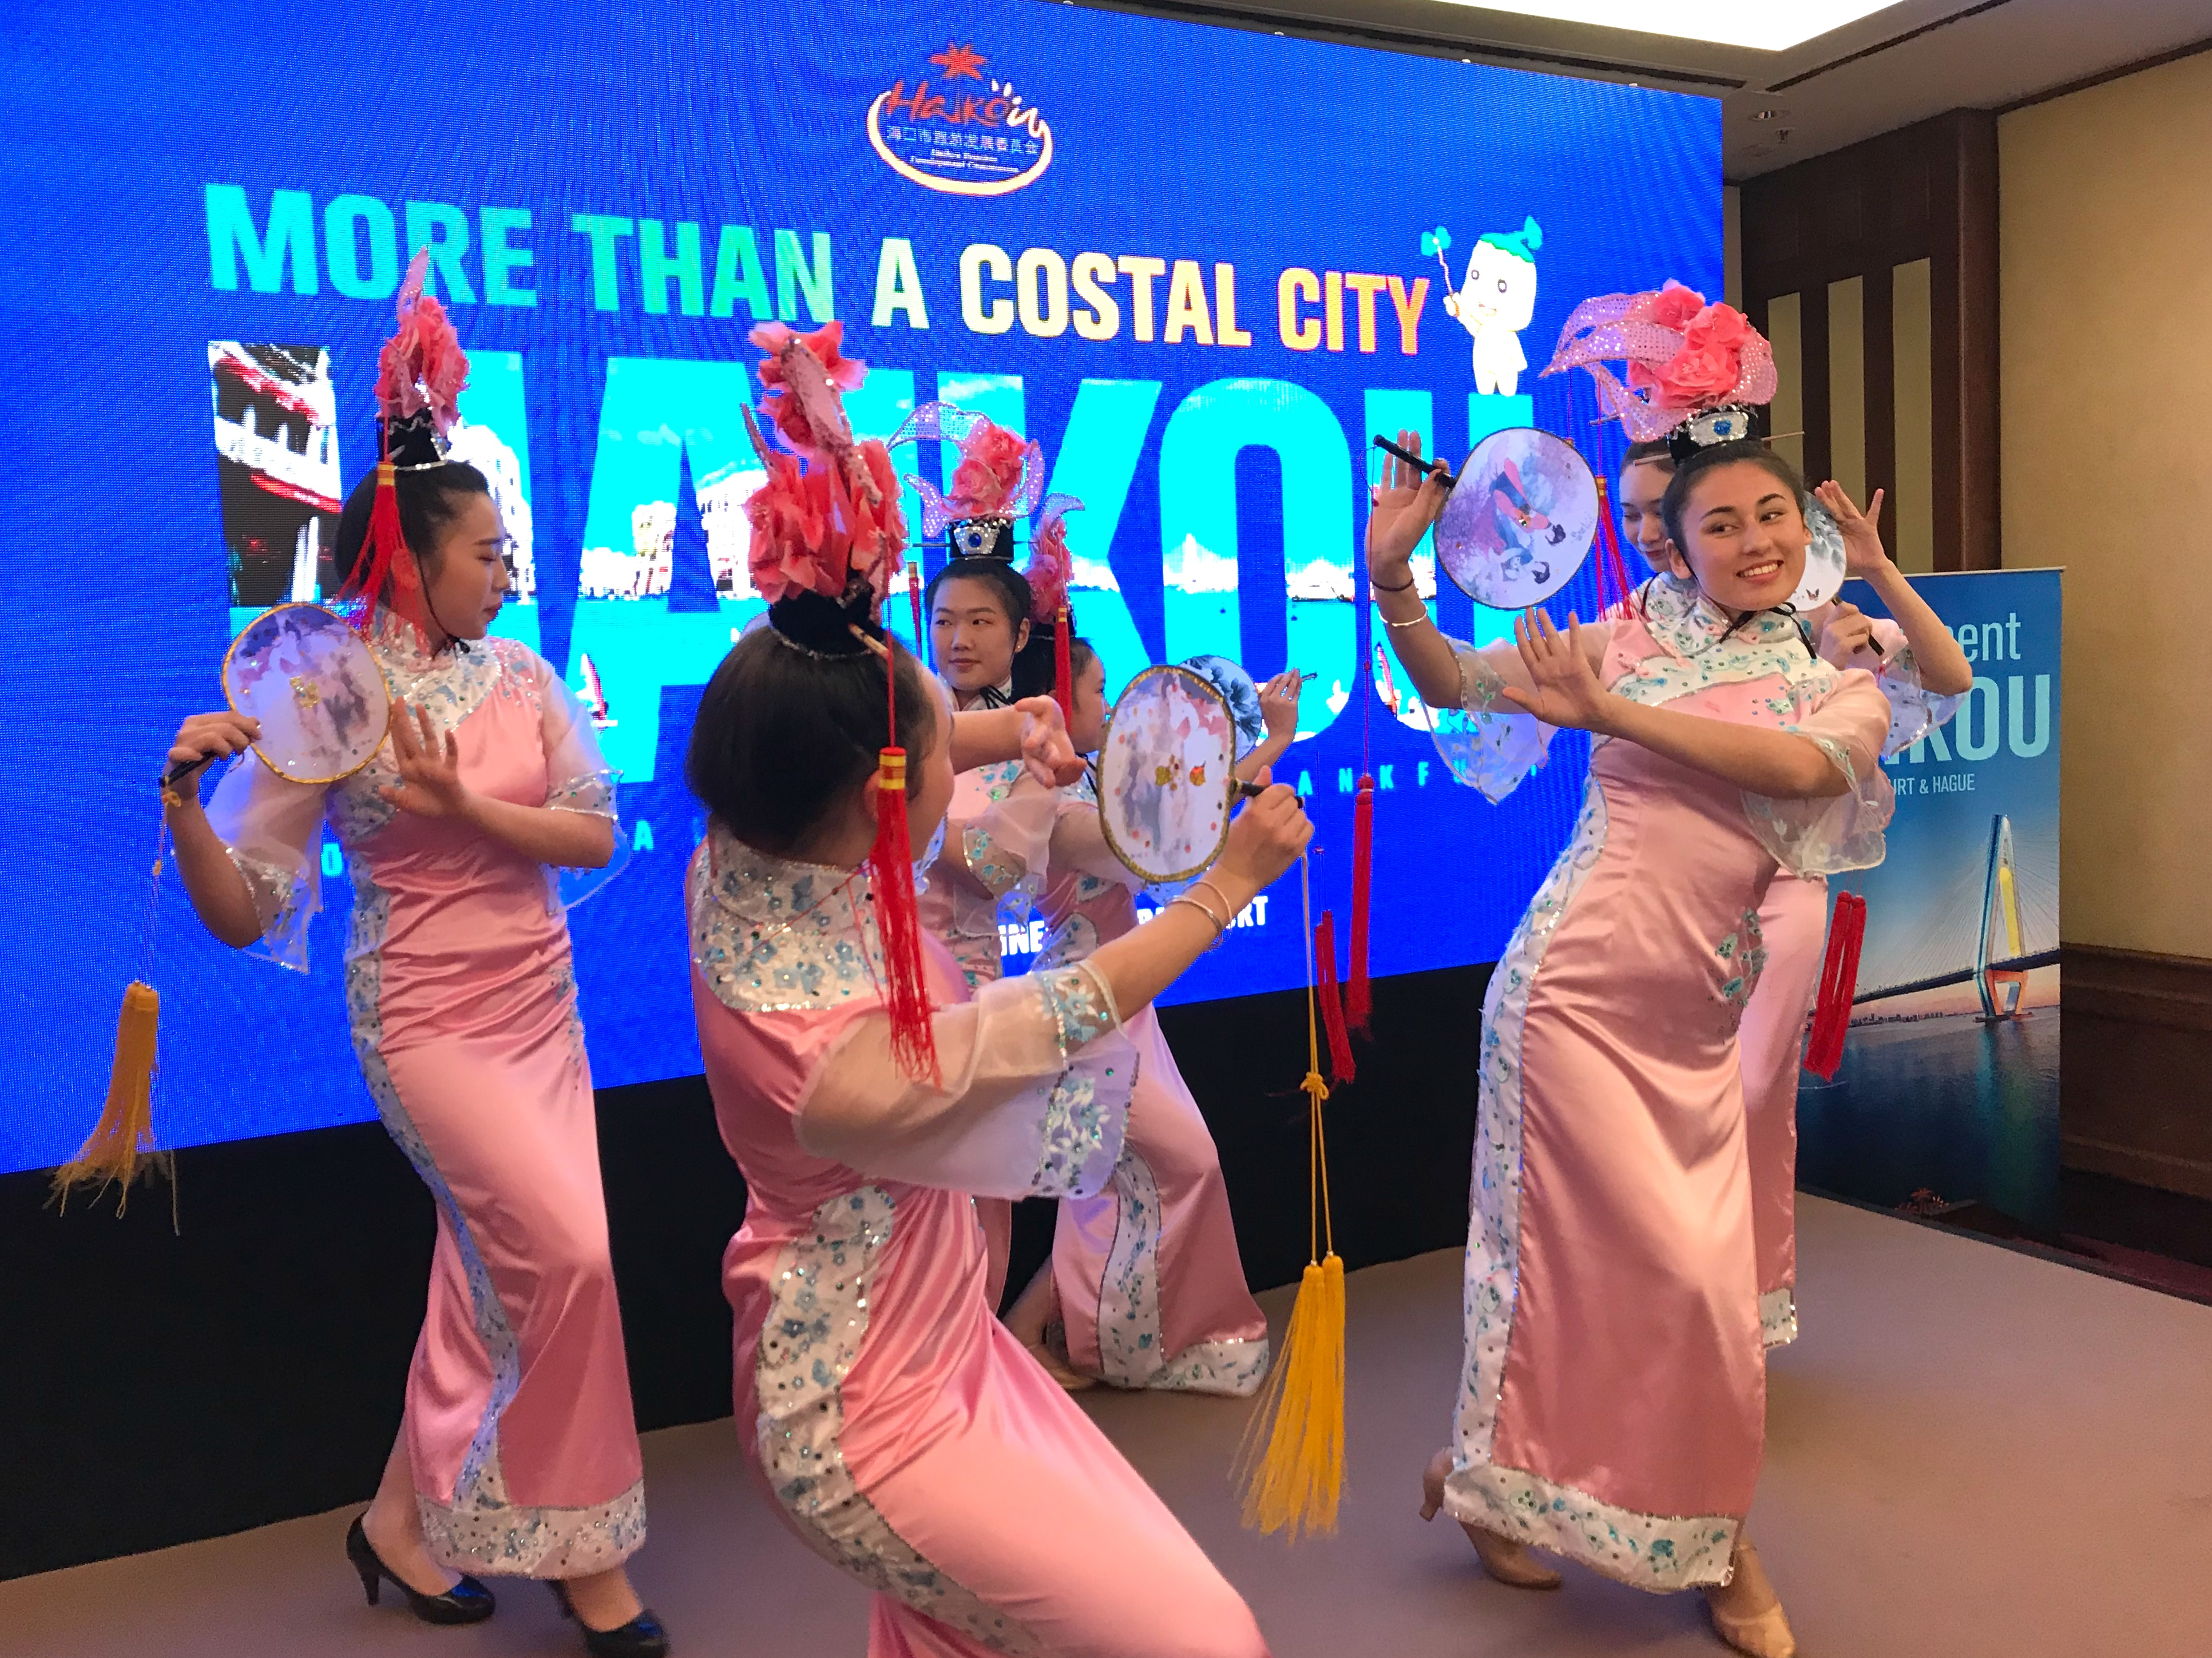 Farbenfrohe Tanzdarbietungen warben für das farbige Tropenparadies Haikou